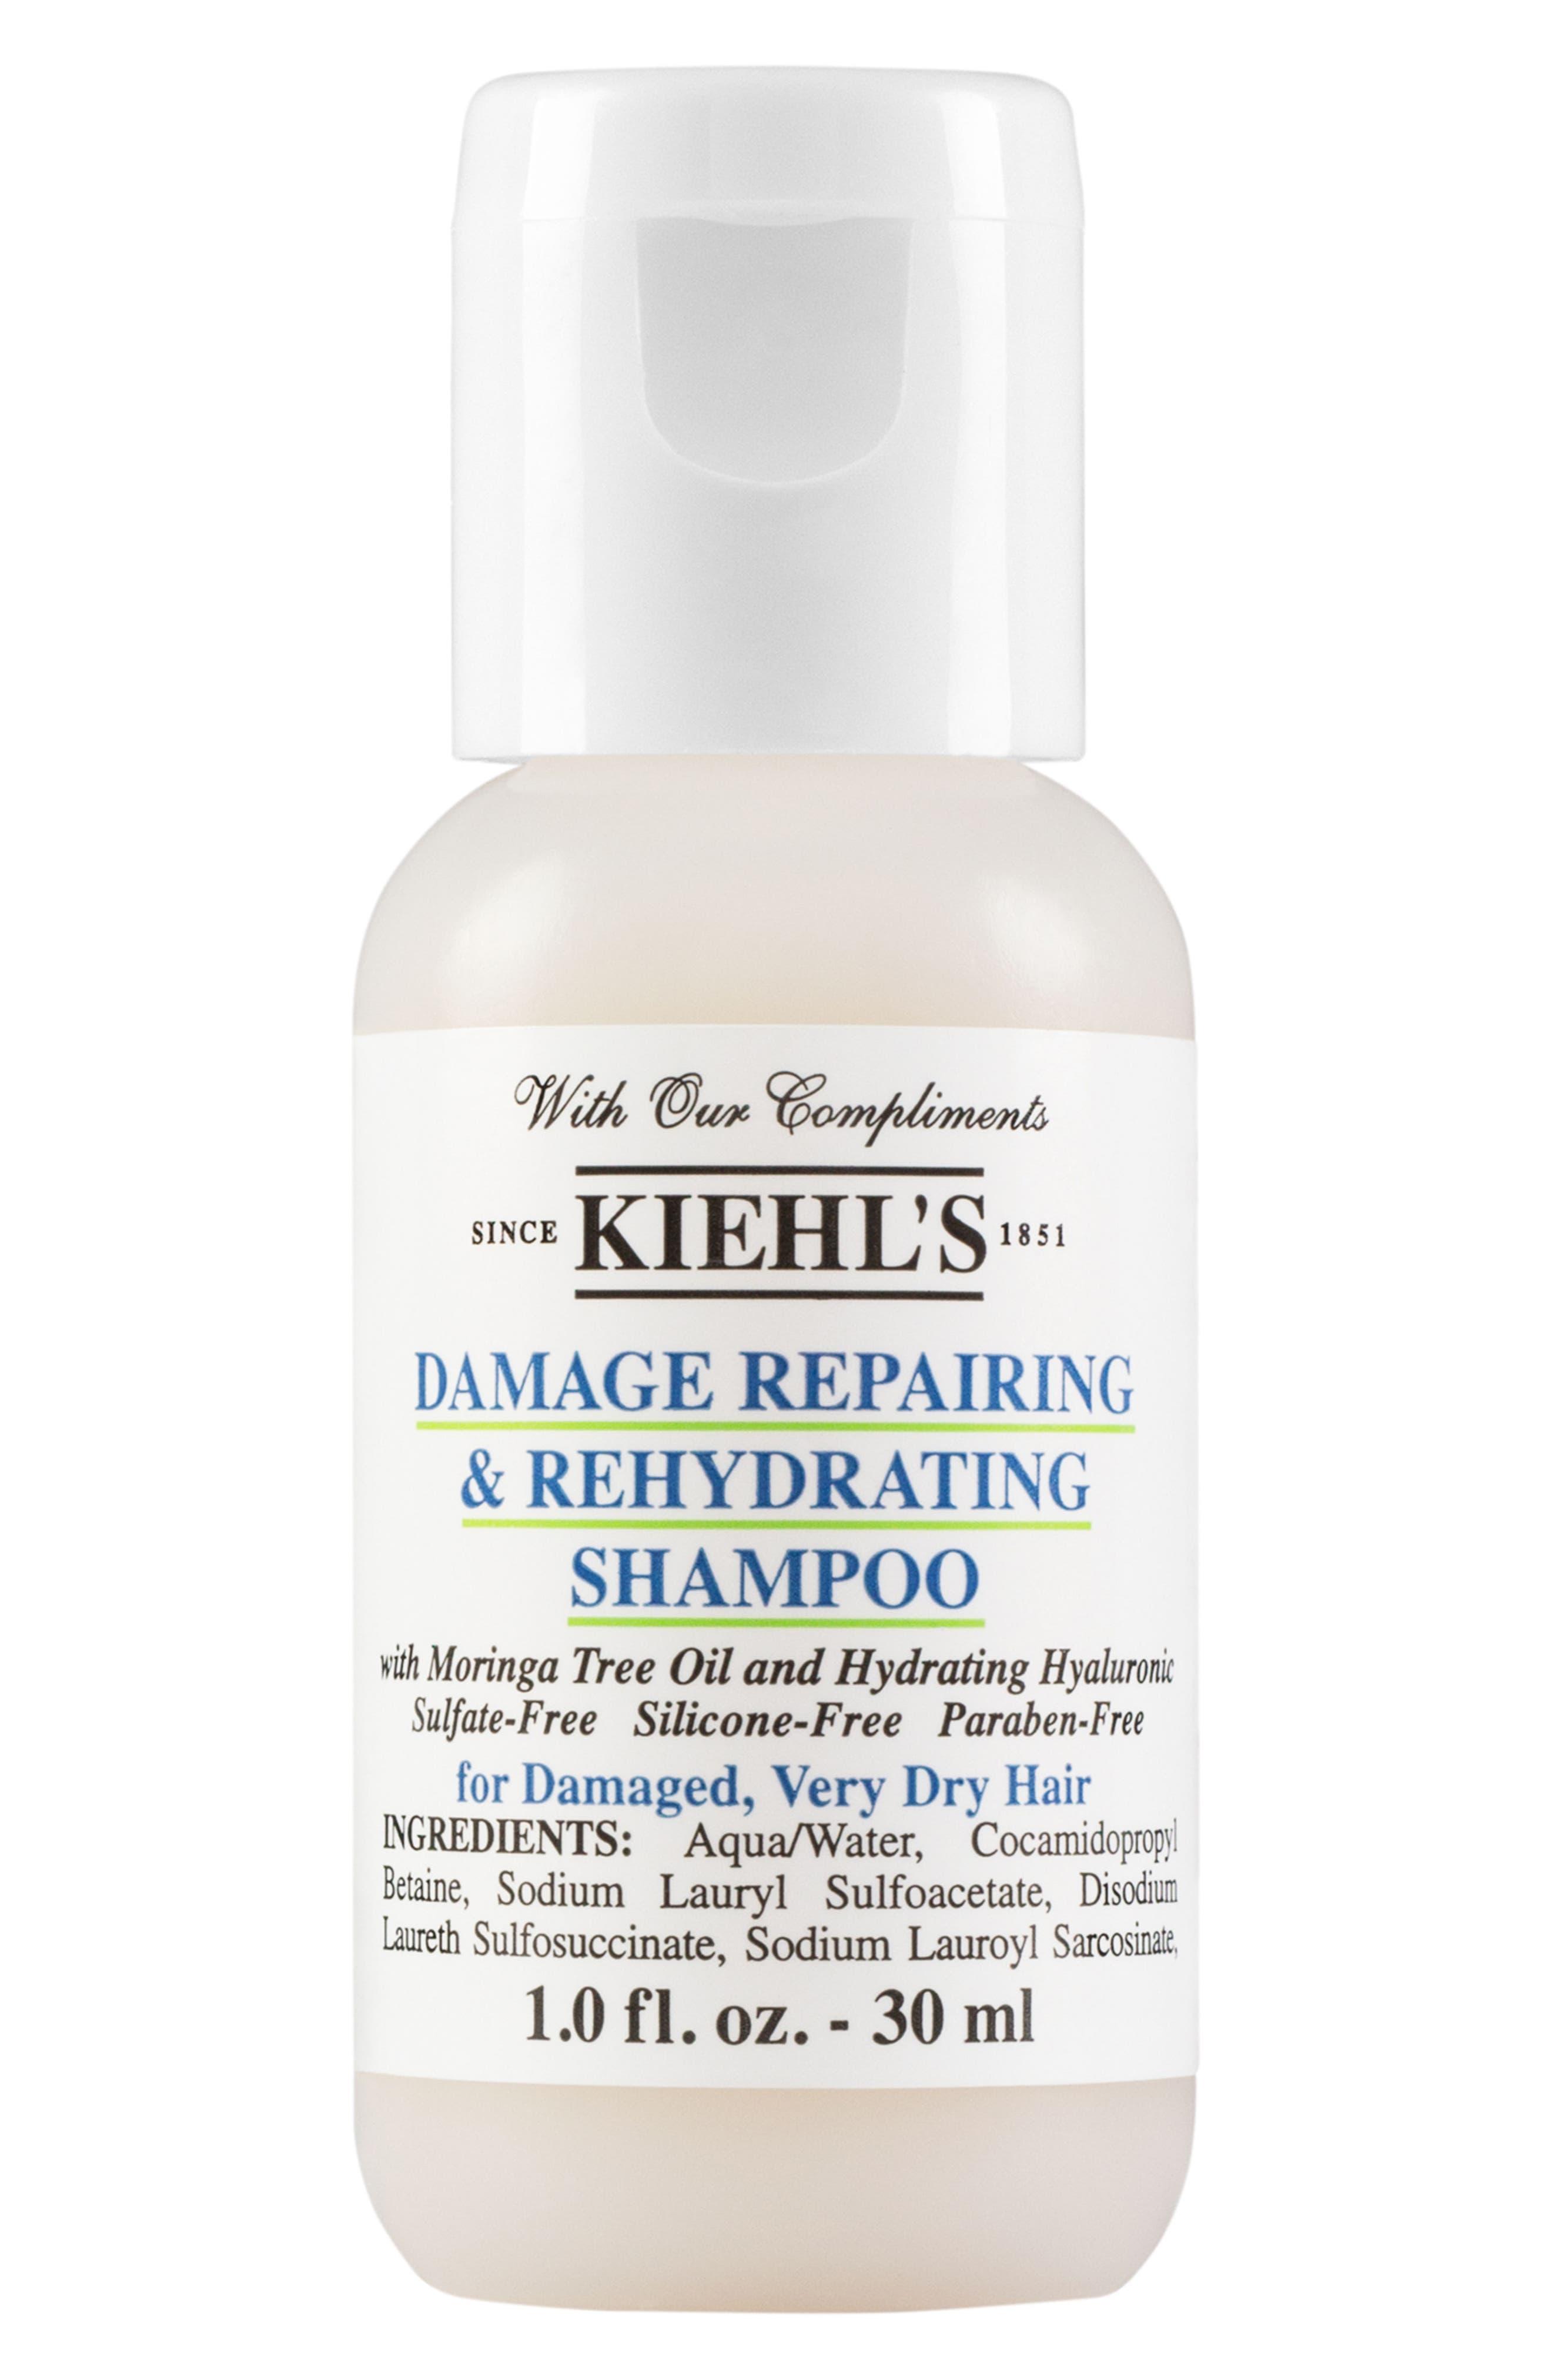 Damage Repairing & Rehydrating Shampoo,                             Alternate thumbnail 2, color,                             NO COLOR